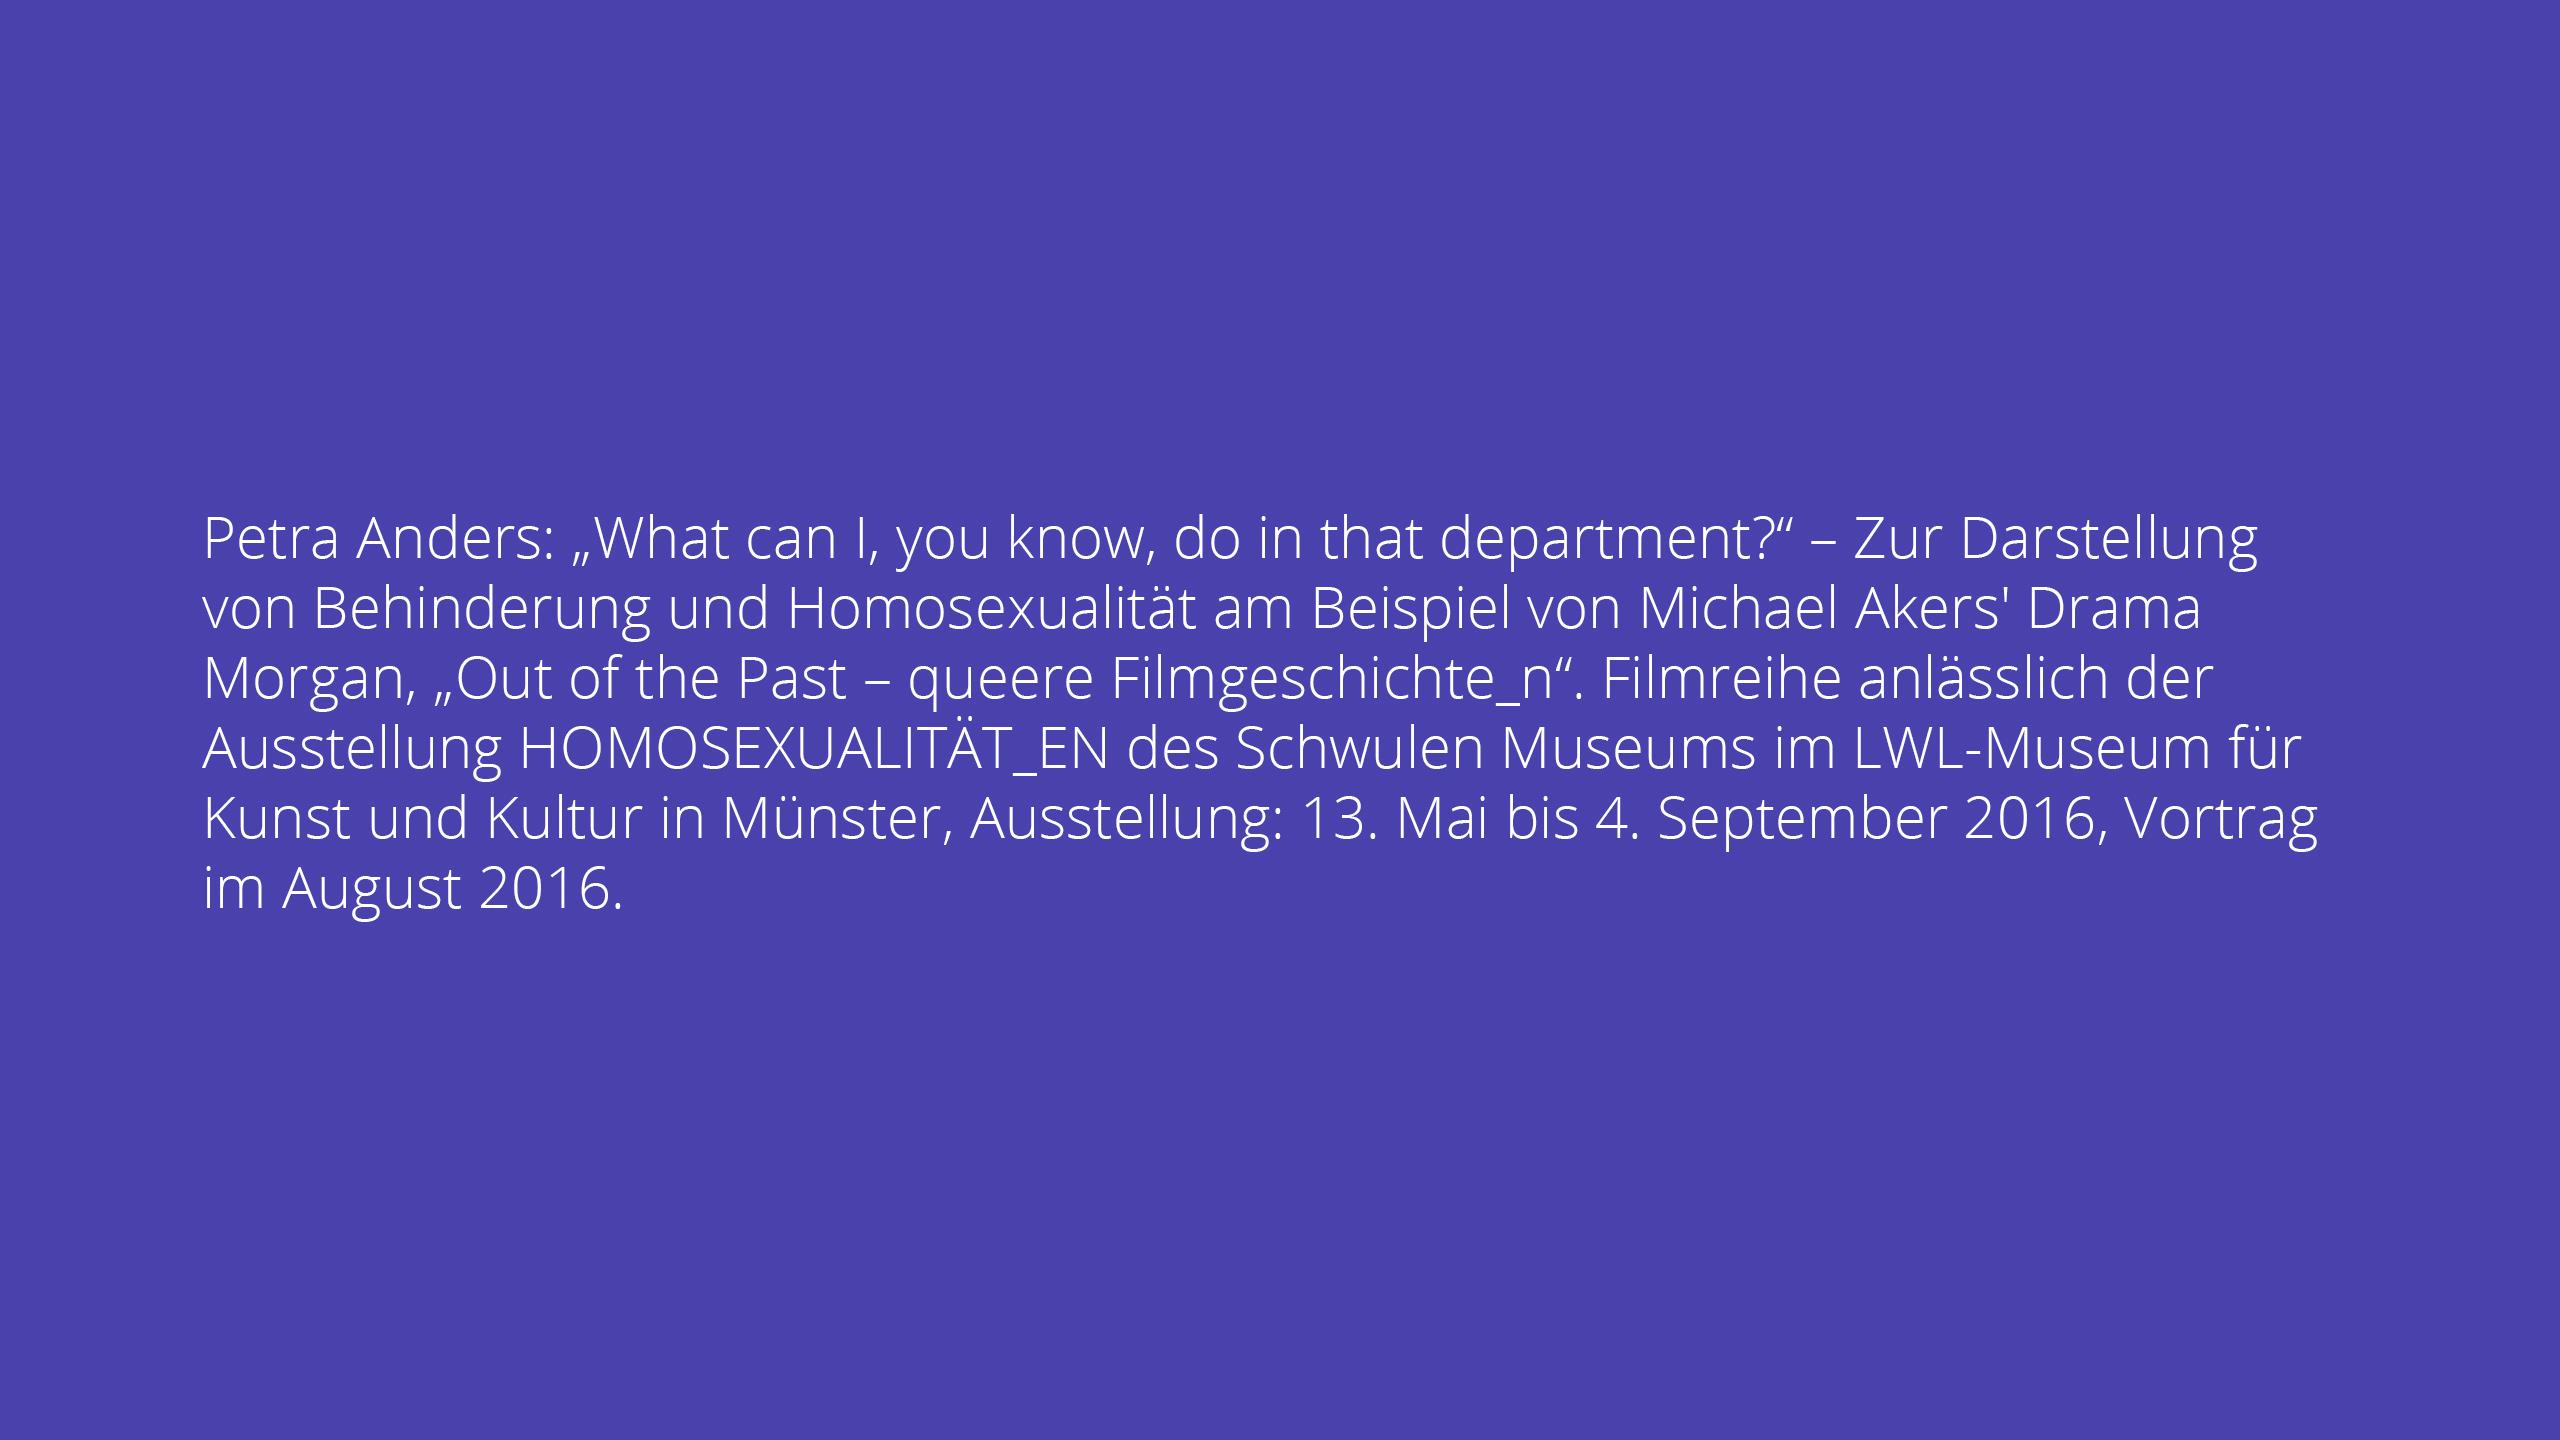 """Petra Anders: """"What can I, you know, do in that department?"""" – Zur Darstellung von Behinderung und Homosexualität am Beispiel von Michael Akers' Drama Morgan"""